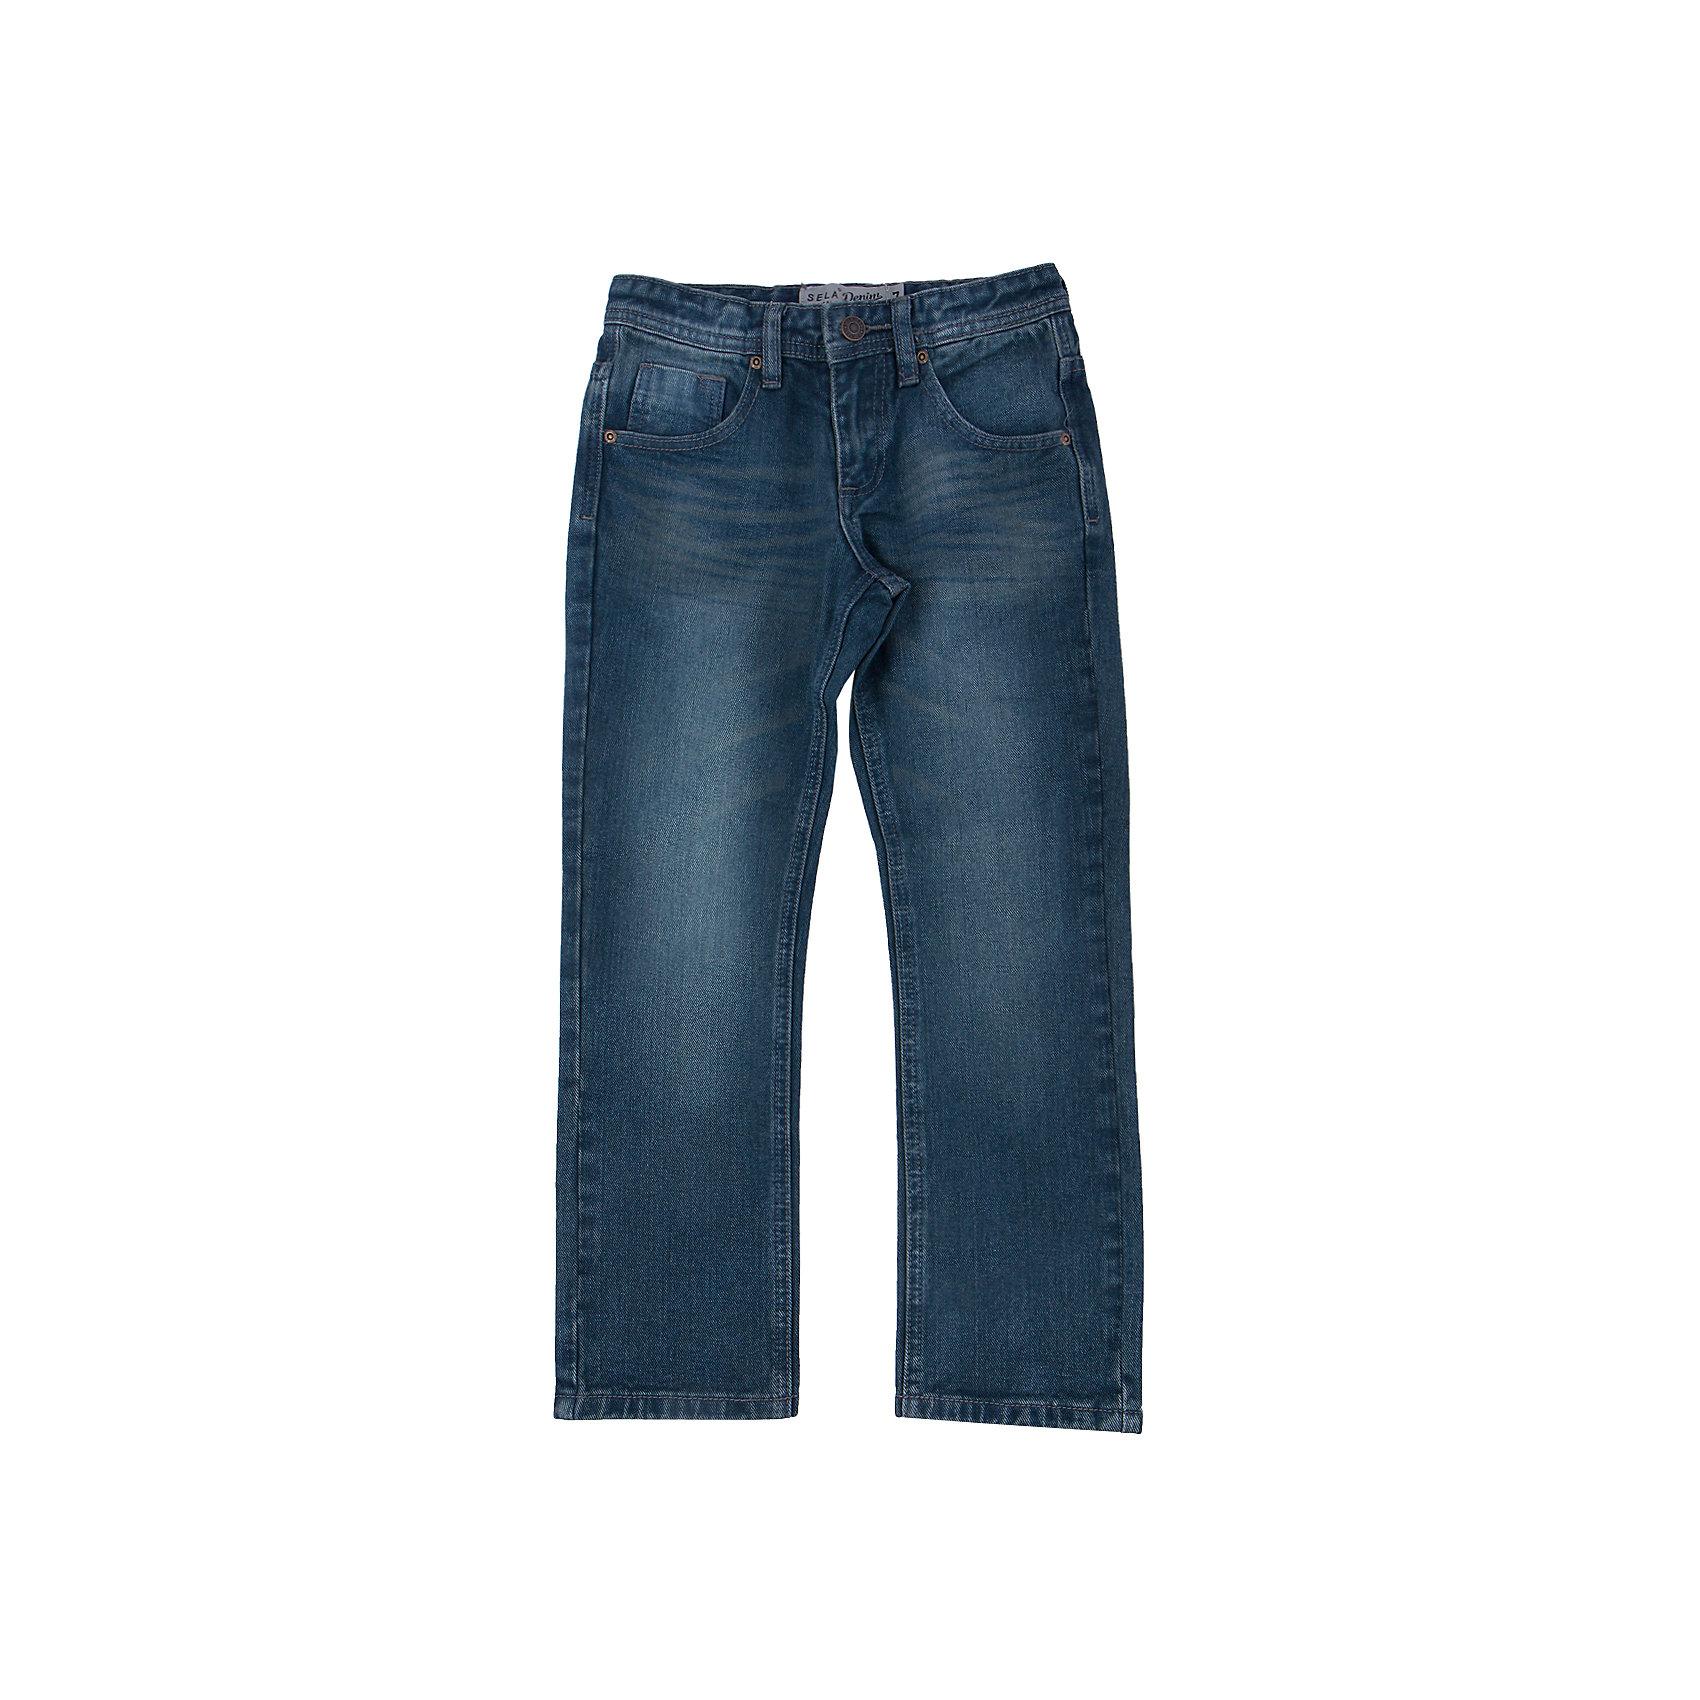 Джинсы для мальчика SELAДжинсовая одежда<br>Джинсы - незаменимая вещь в детском гардеробе. Эта модель отлично сидит на ребенке, она сшита из плотного материала, натуральный хлопок не вызывает аллергии и обеспечивает ребенку комфорт. Модель станет отличной базовой вещью, которая будет уместна в различных сочетаниях.<br>Одежда от бренда Sela (Села) - это качество по приемлемым ценам. Многие российские родители уже оценили преимущества продукции этой компании и всё чаще приобретают одежду и аксессуары Sela.<br><br>Дополнительная информация:<br><br>прямой силуэт;<br>материал: 100 % хлопок;<br>плотный материал.<br><br>Джинсы для мальчика от бренда Sela можно купить в нашем интернет-магазине.<br><br>Ширина мм: 215<br>Глубина мм: 88<br>Высота мм: 191<br>Вес г: 336<br>Цвет: зеленый<br>Возраст от месяцев: 120<br>Возраст до месяцев: 132<br>Пол: Мужской<br>Возраст: Детский<br>Размер: 146,152,128,122,134,140<br>SKU: 4919576